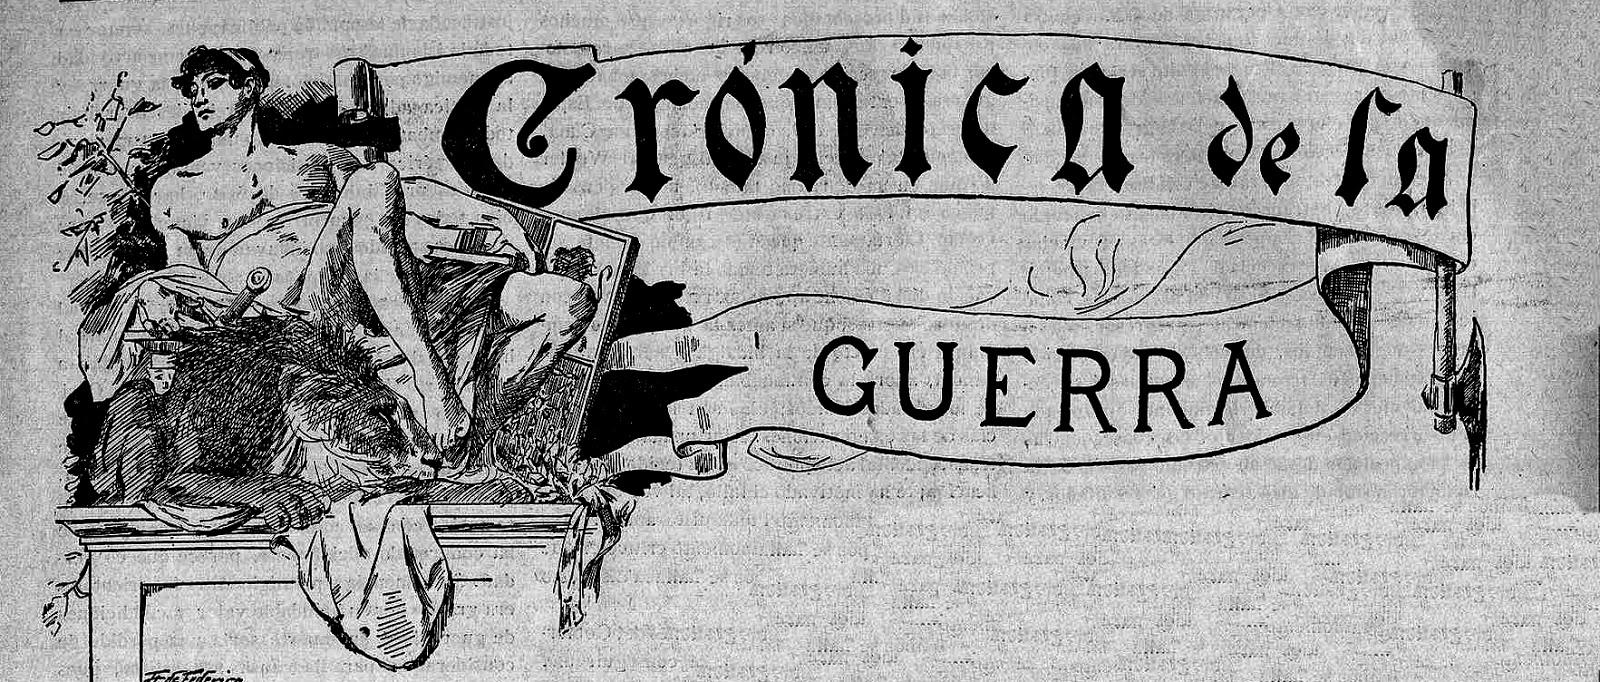 Un titular de una revista de 1898